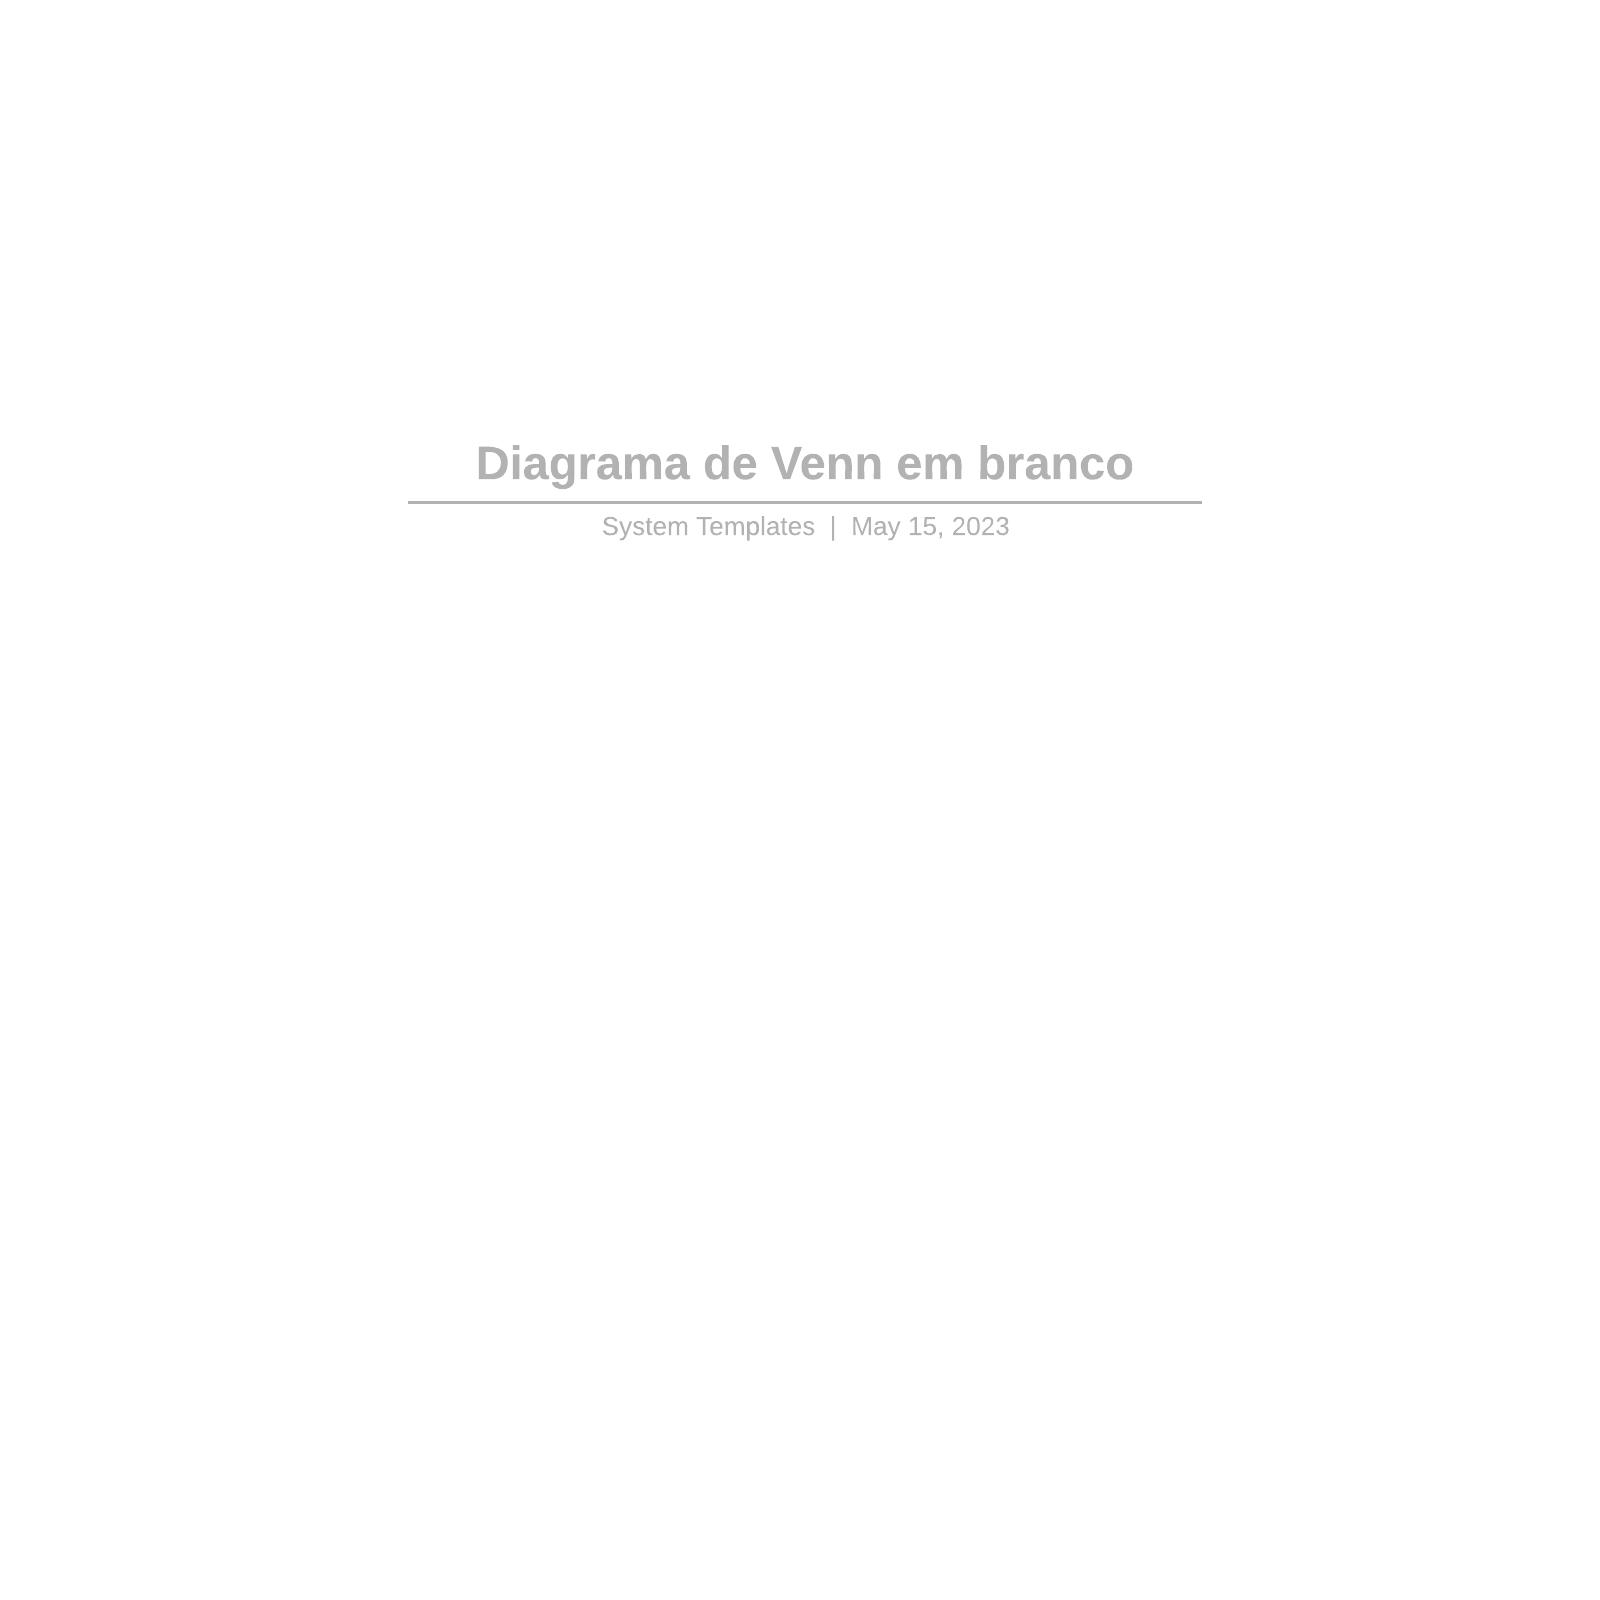 Diagrama de Venn em branco